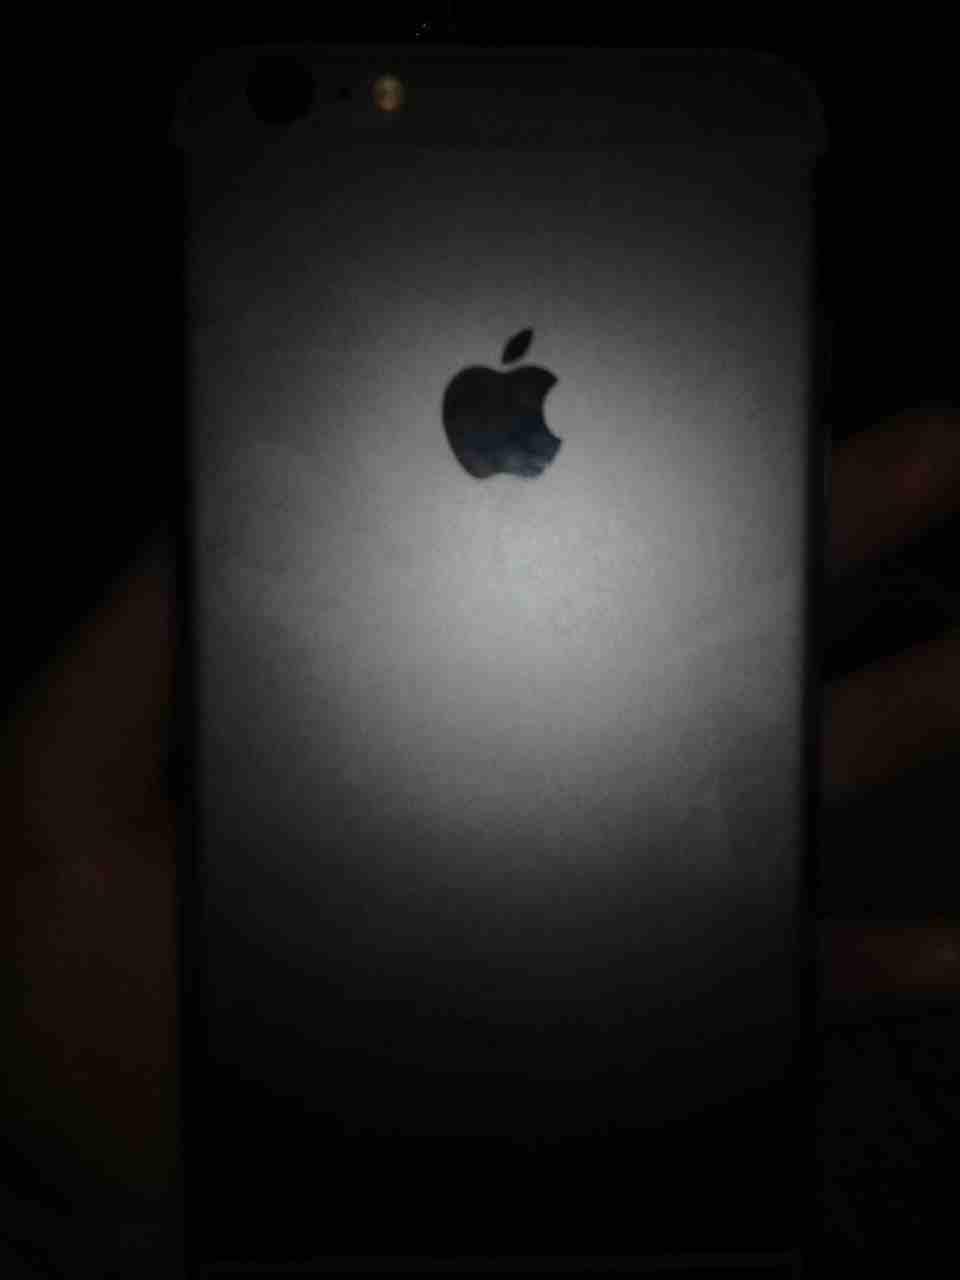 iPhone 11 64GB - $ 650 USDiPhone 11 128GB - $ 710 USDiPhone 11 256GB - $ 770 USDiPhone 11 Pro 64GB - $ 720 USDiPhone 11 Pro 256GB - $ 750 USDiPhone 11 Pro 512GB-  ايفون 6 بلس 64 جيجا مع...